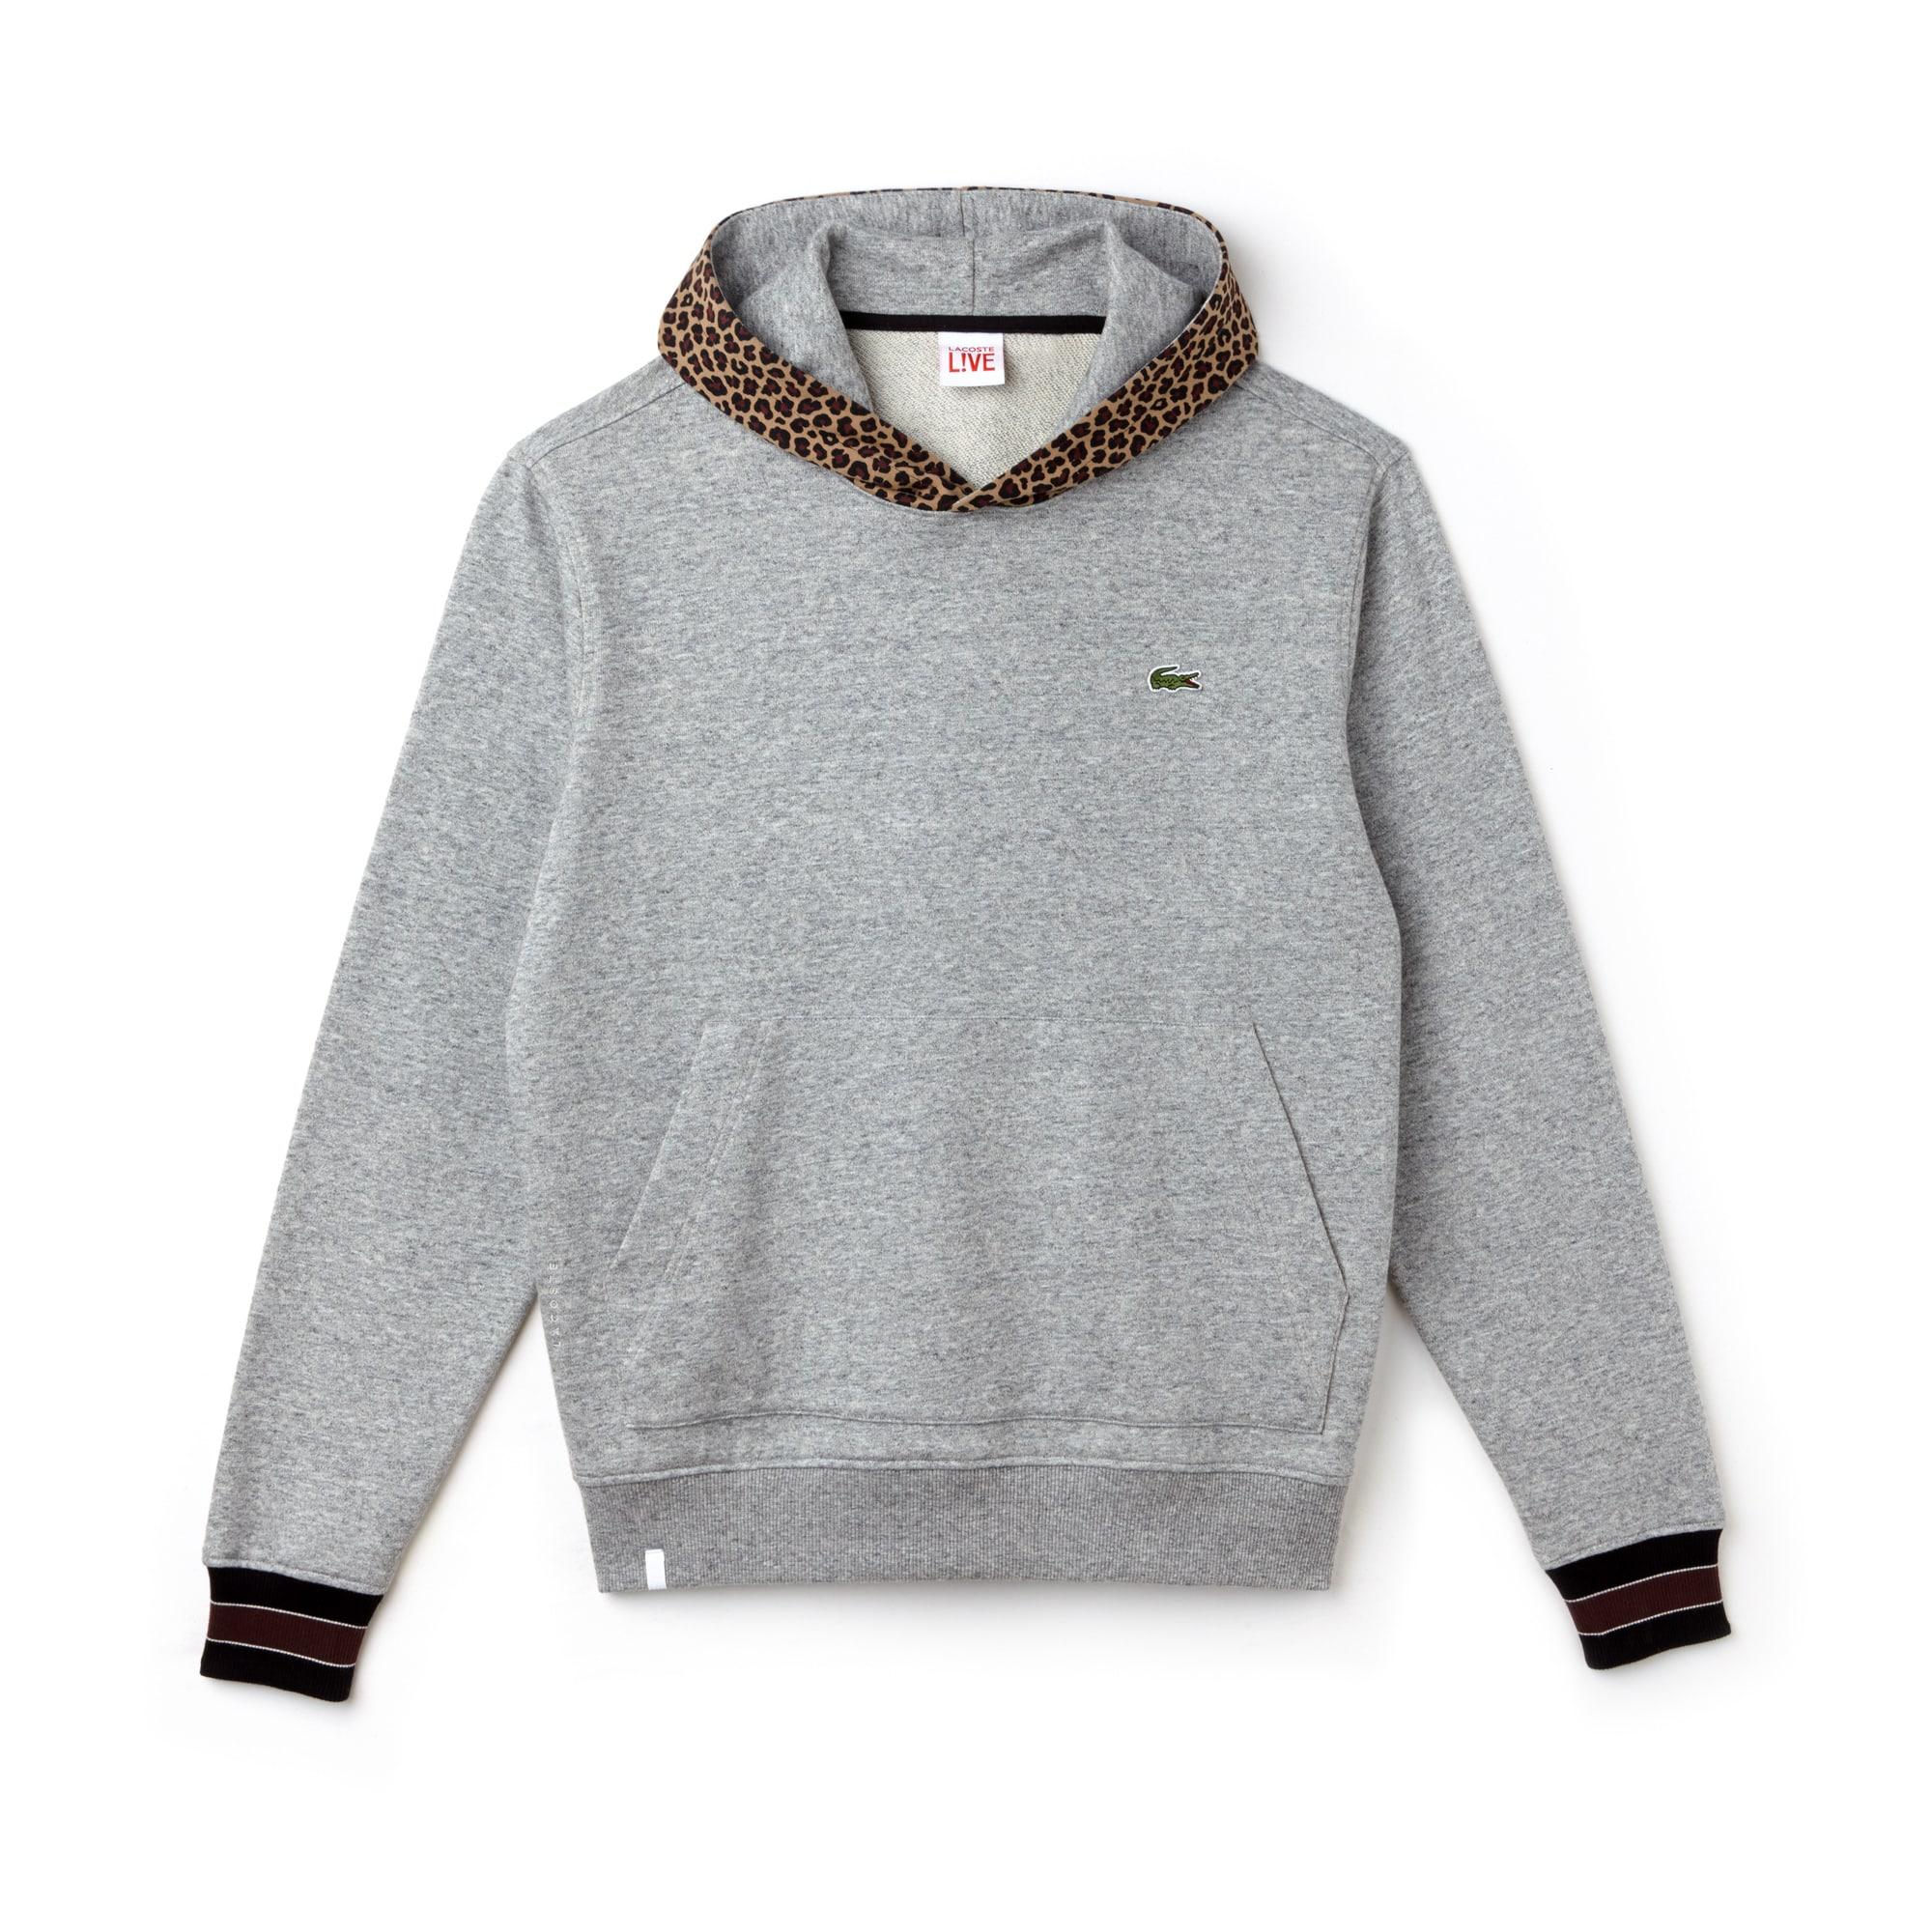 Men's Lacoste LIVE Leopard Print Hood Fleece Sweatshirt